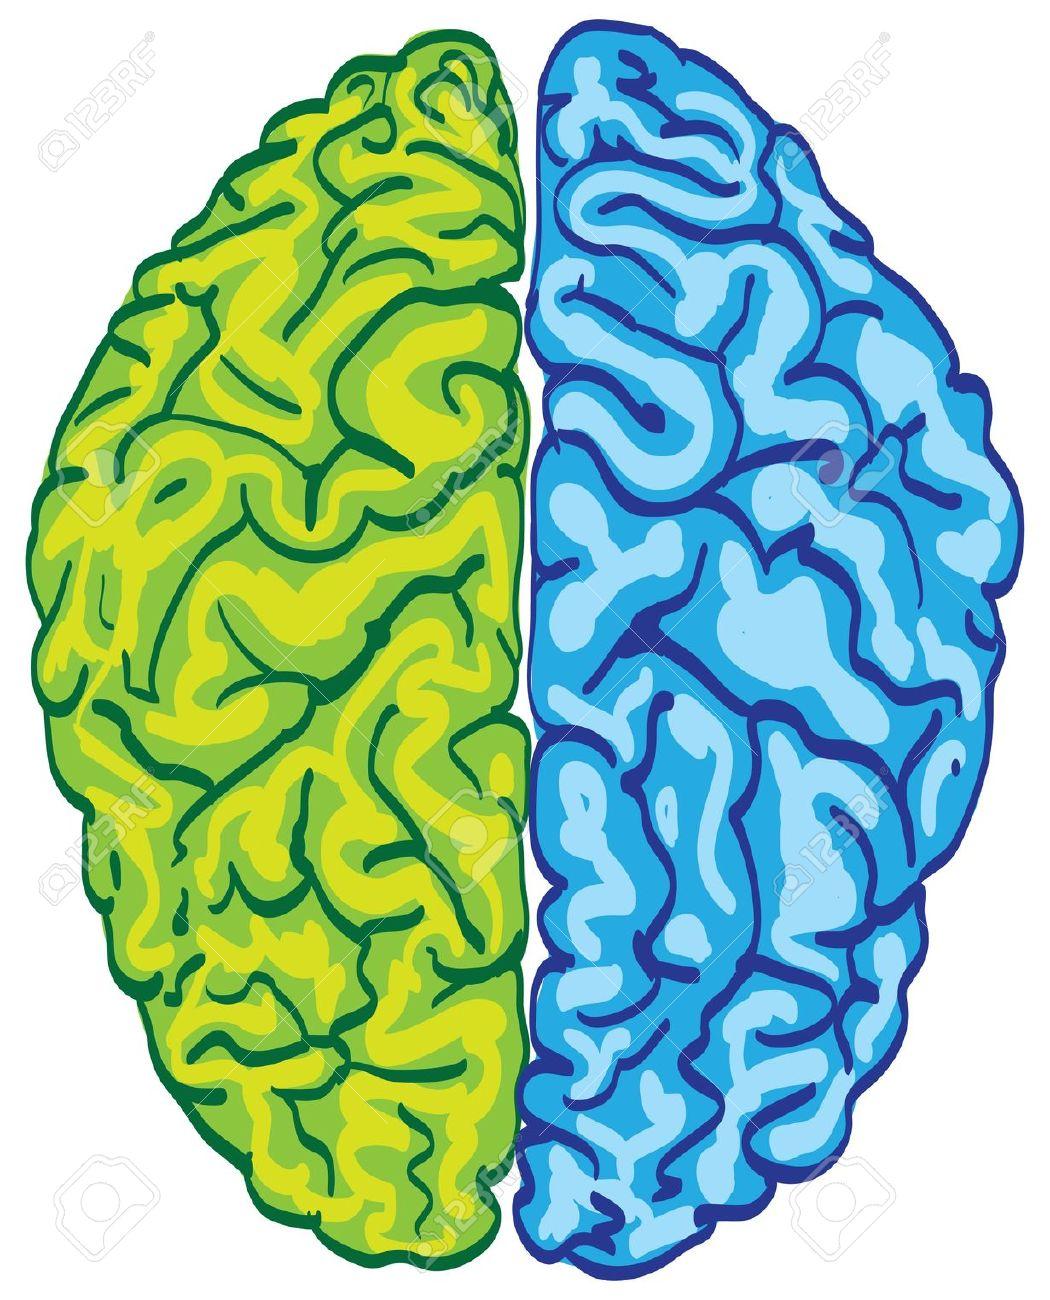 Free Clipart Brain